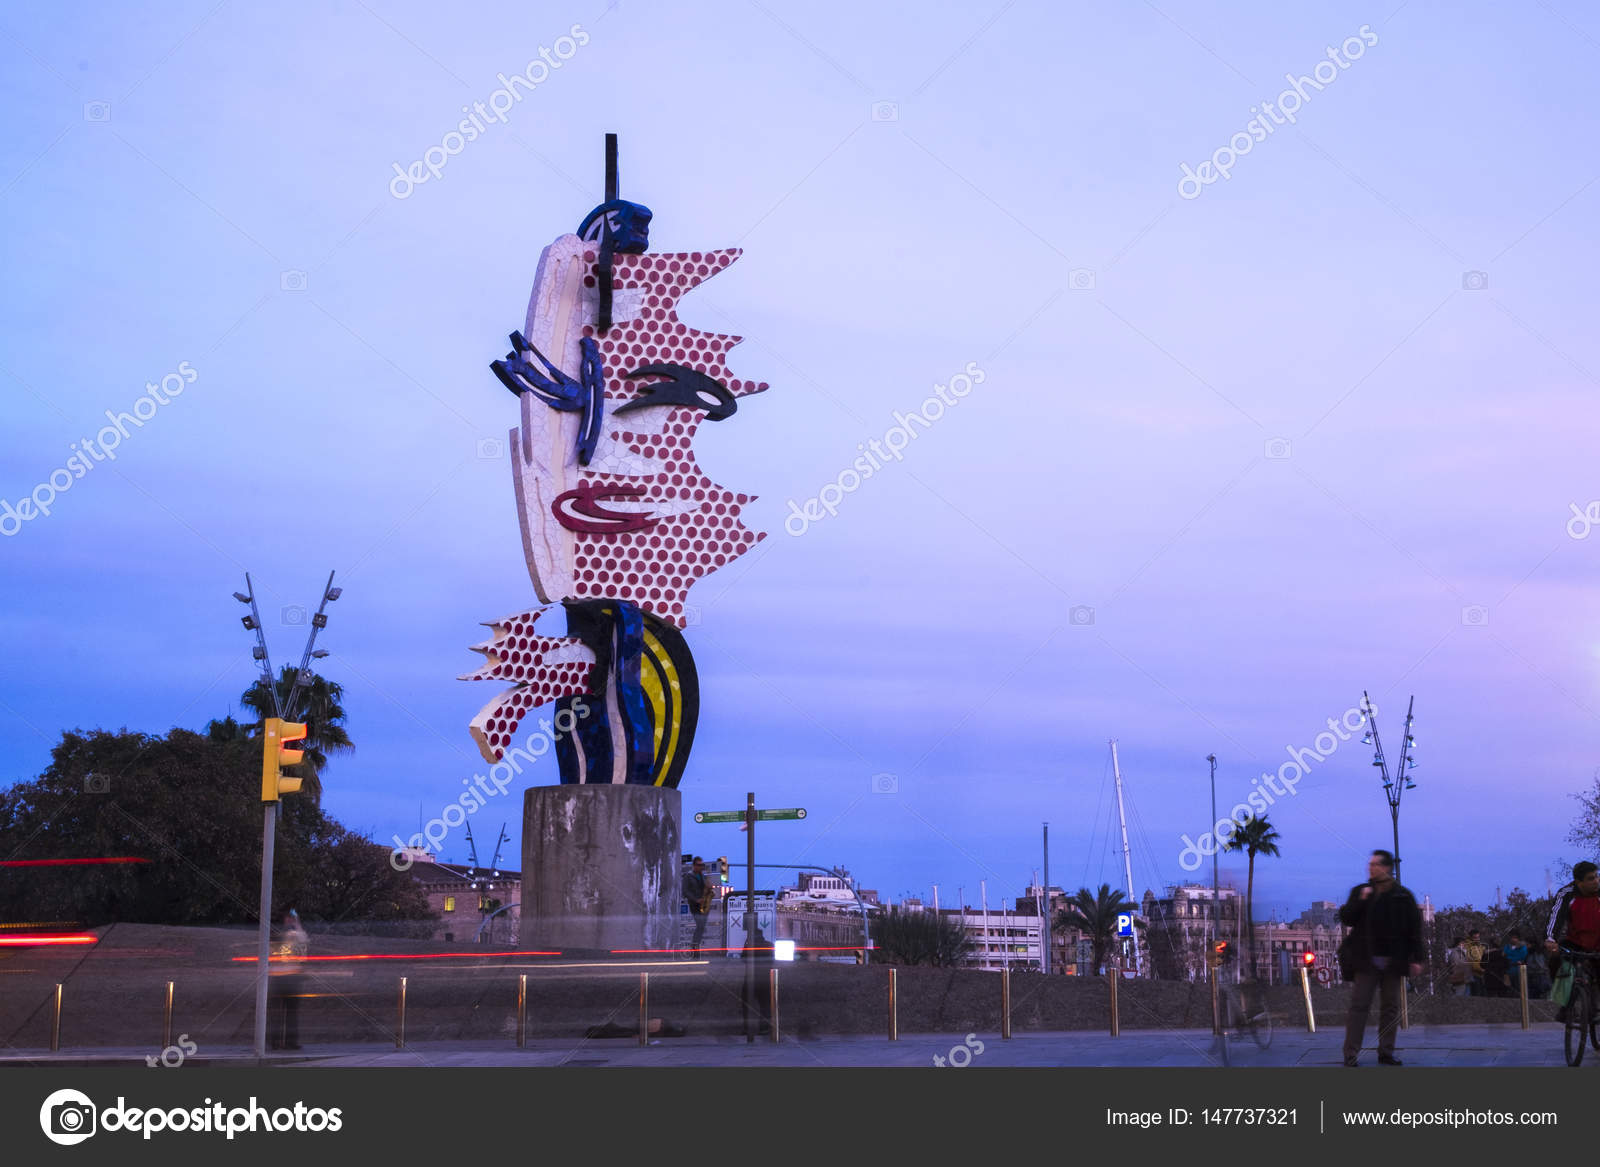 e003e6bc033 El Cap de Barcelona or La Cabeza de Barcelona sculpture of Roy L ...